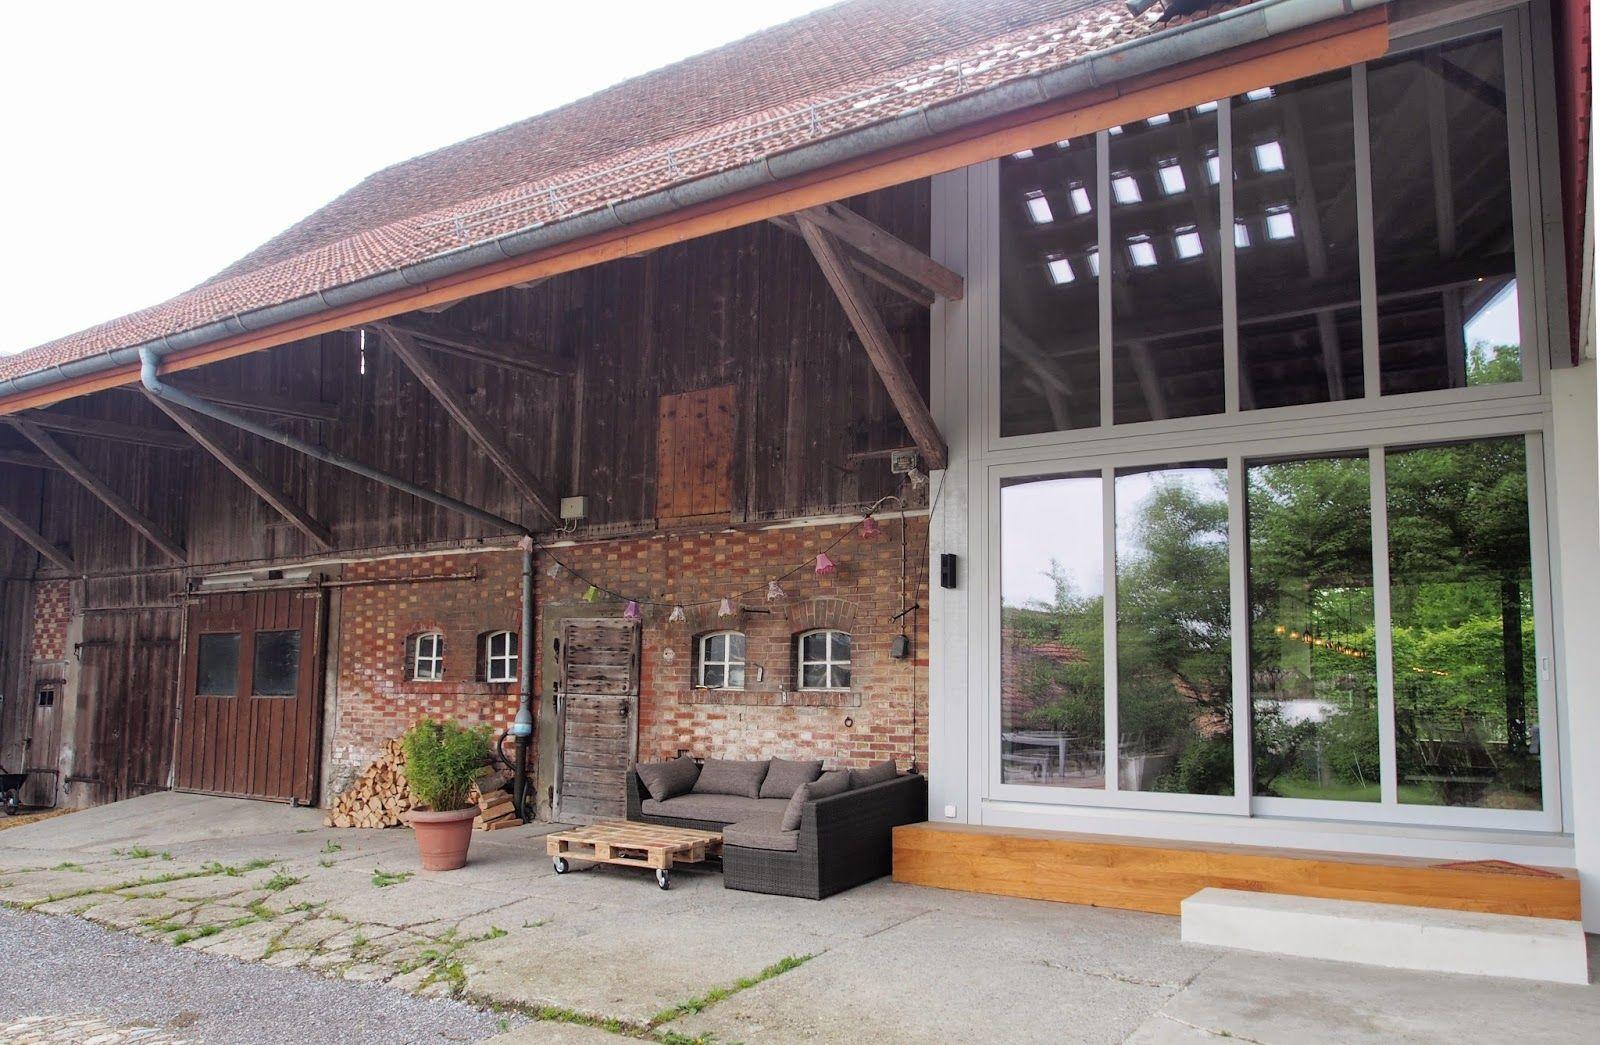 Bauwelt Blog: Oberembrach: Altes Bauernhaus erstrahlt in